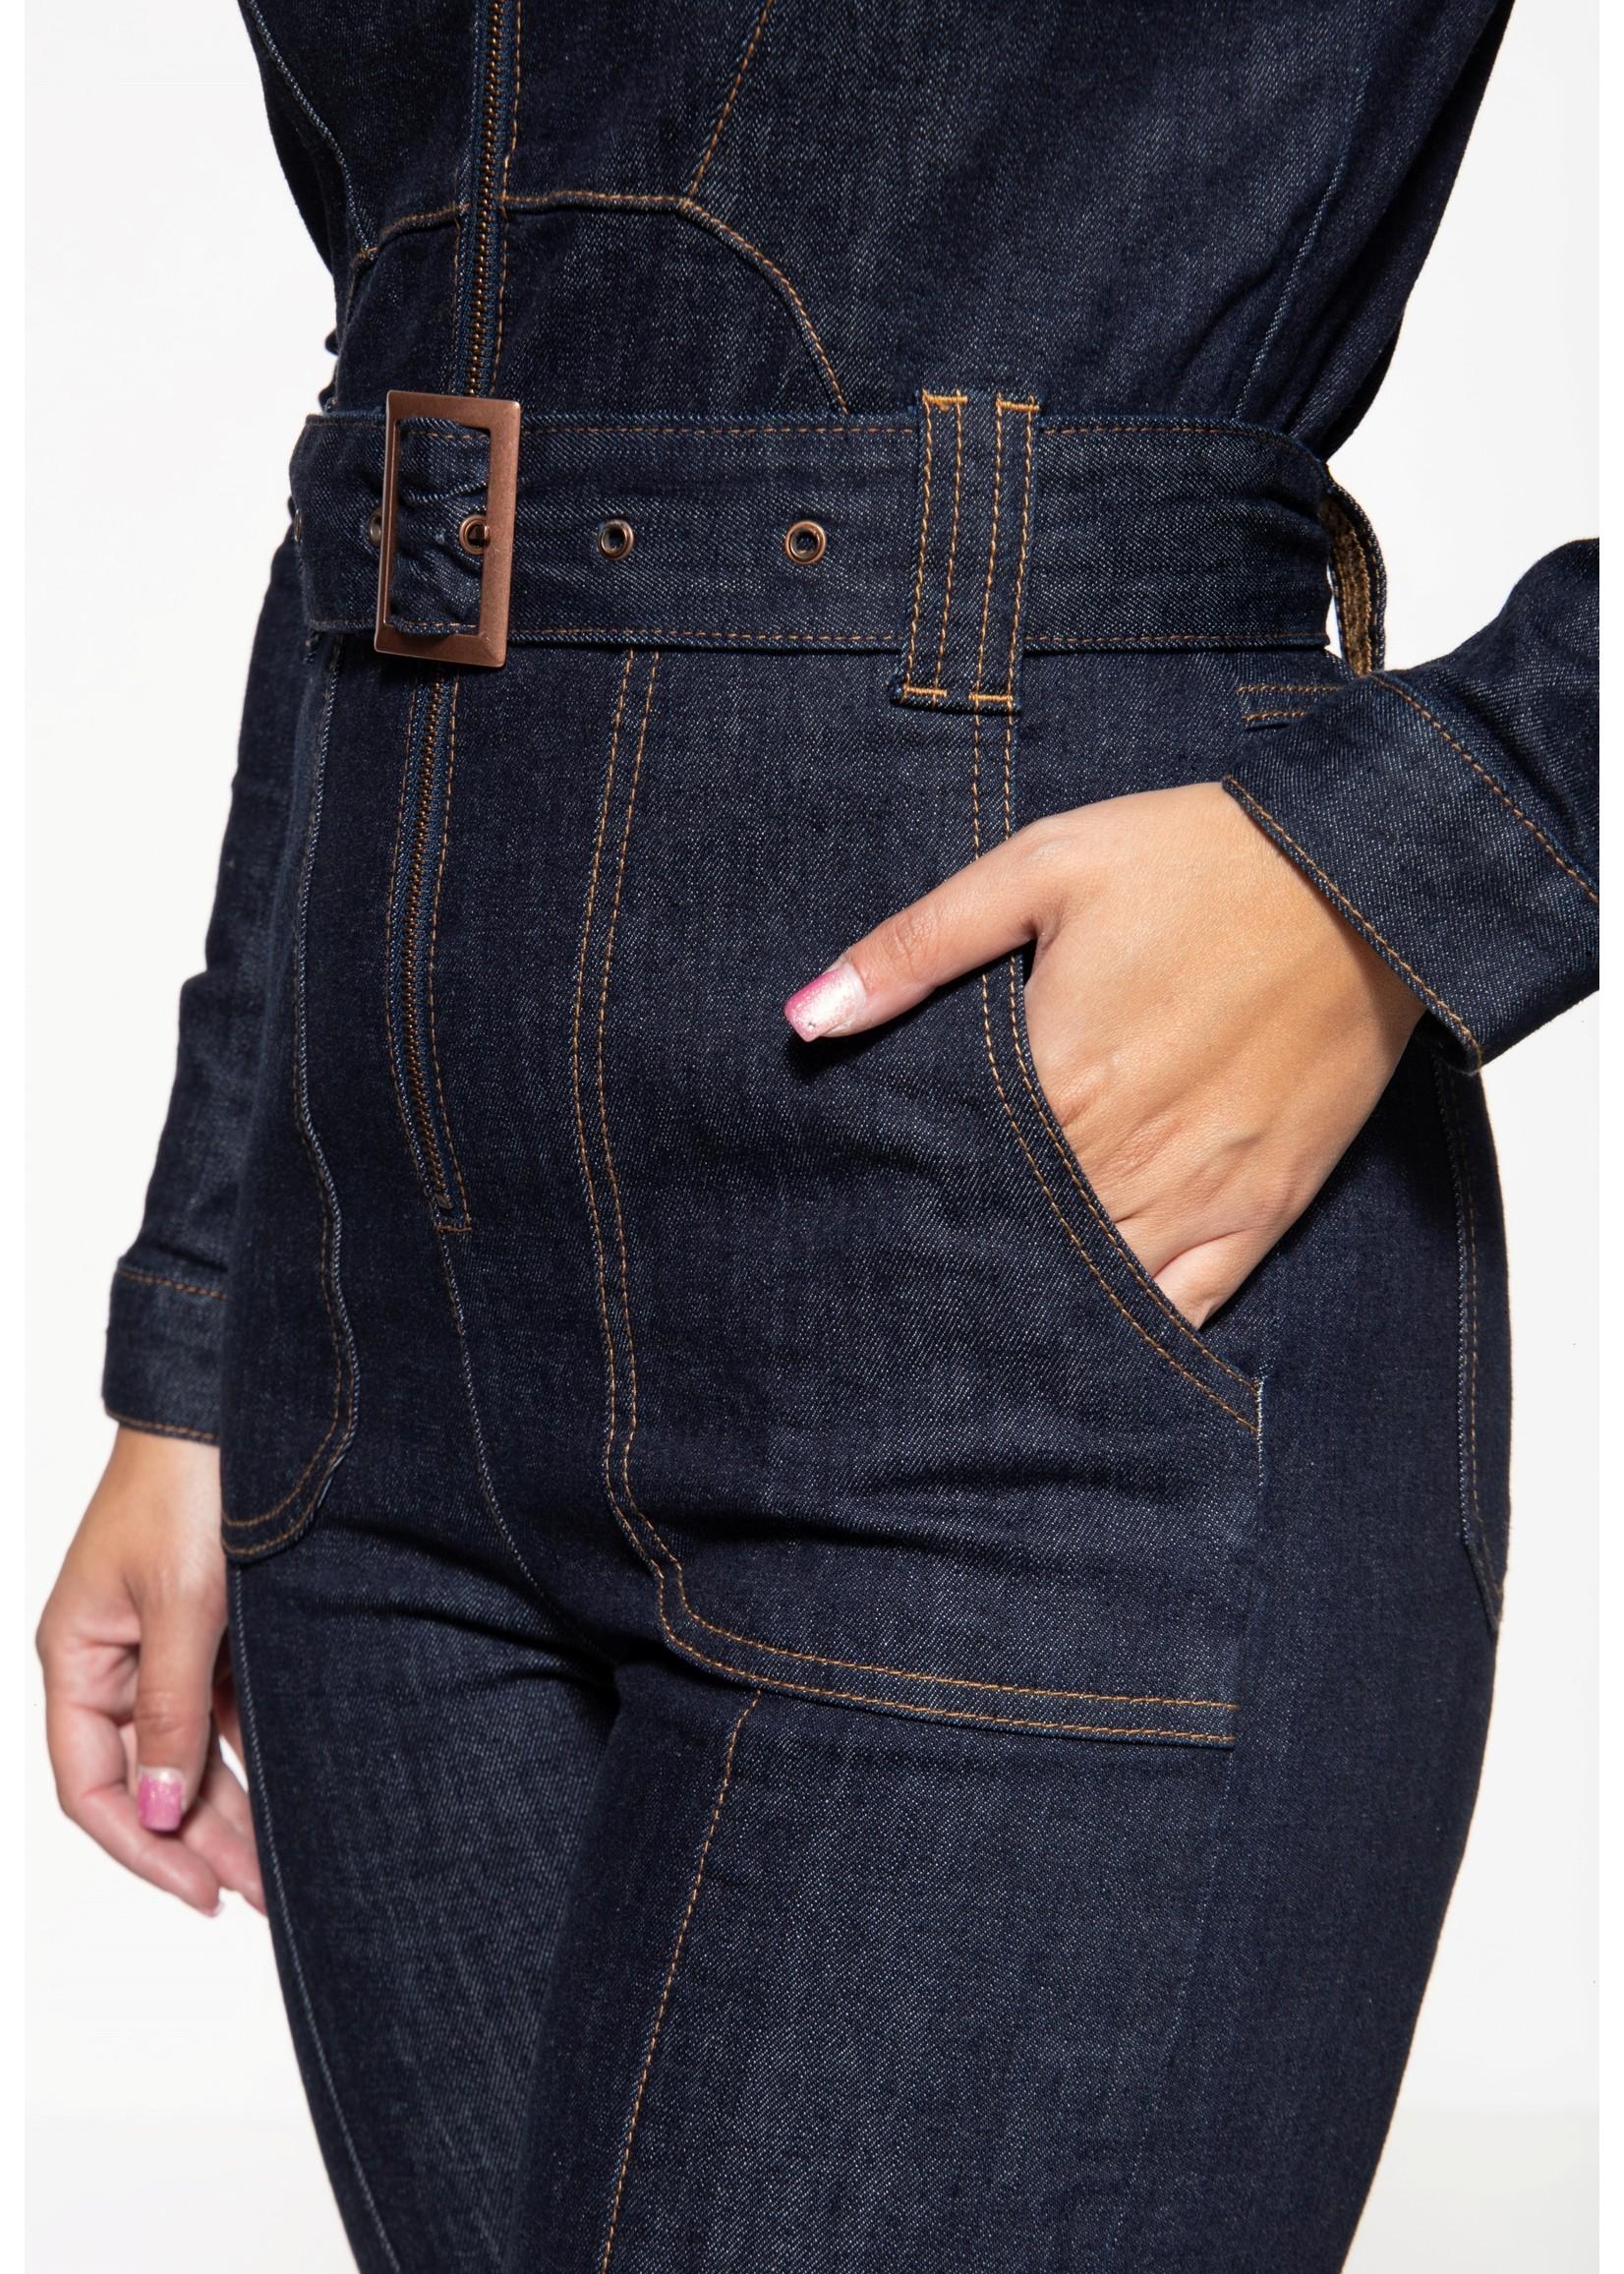 Queen Kerosin Queen Kerosin Workwear Overall in Denim Dark Blue